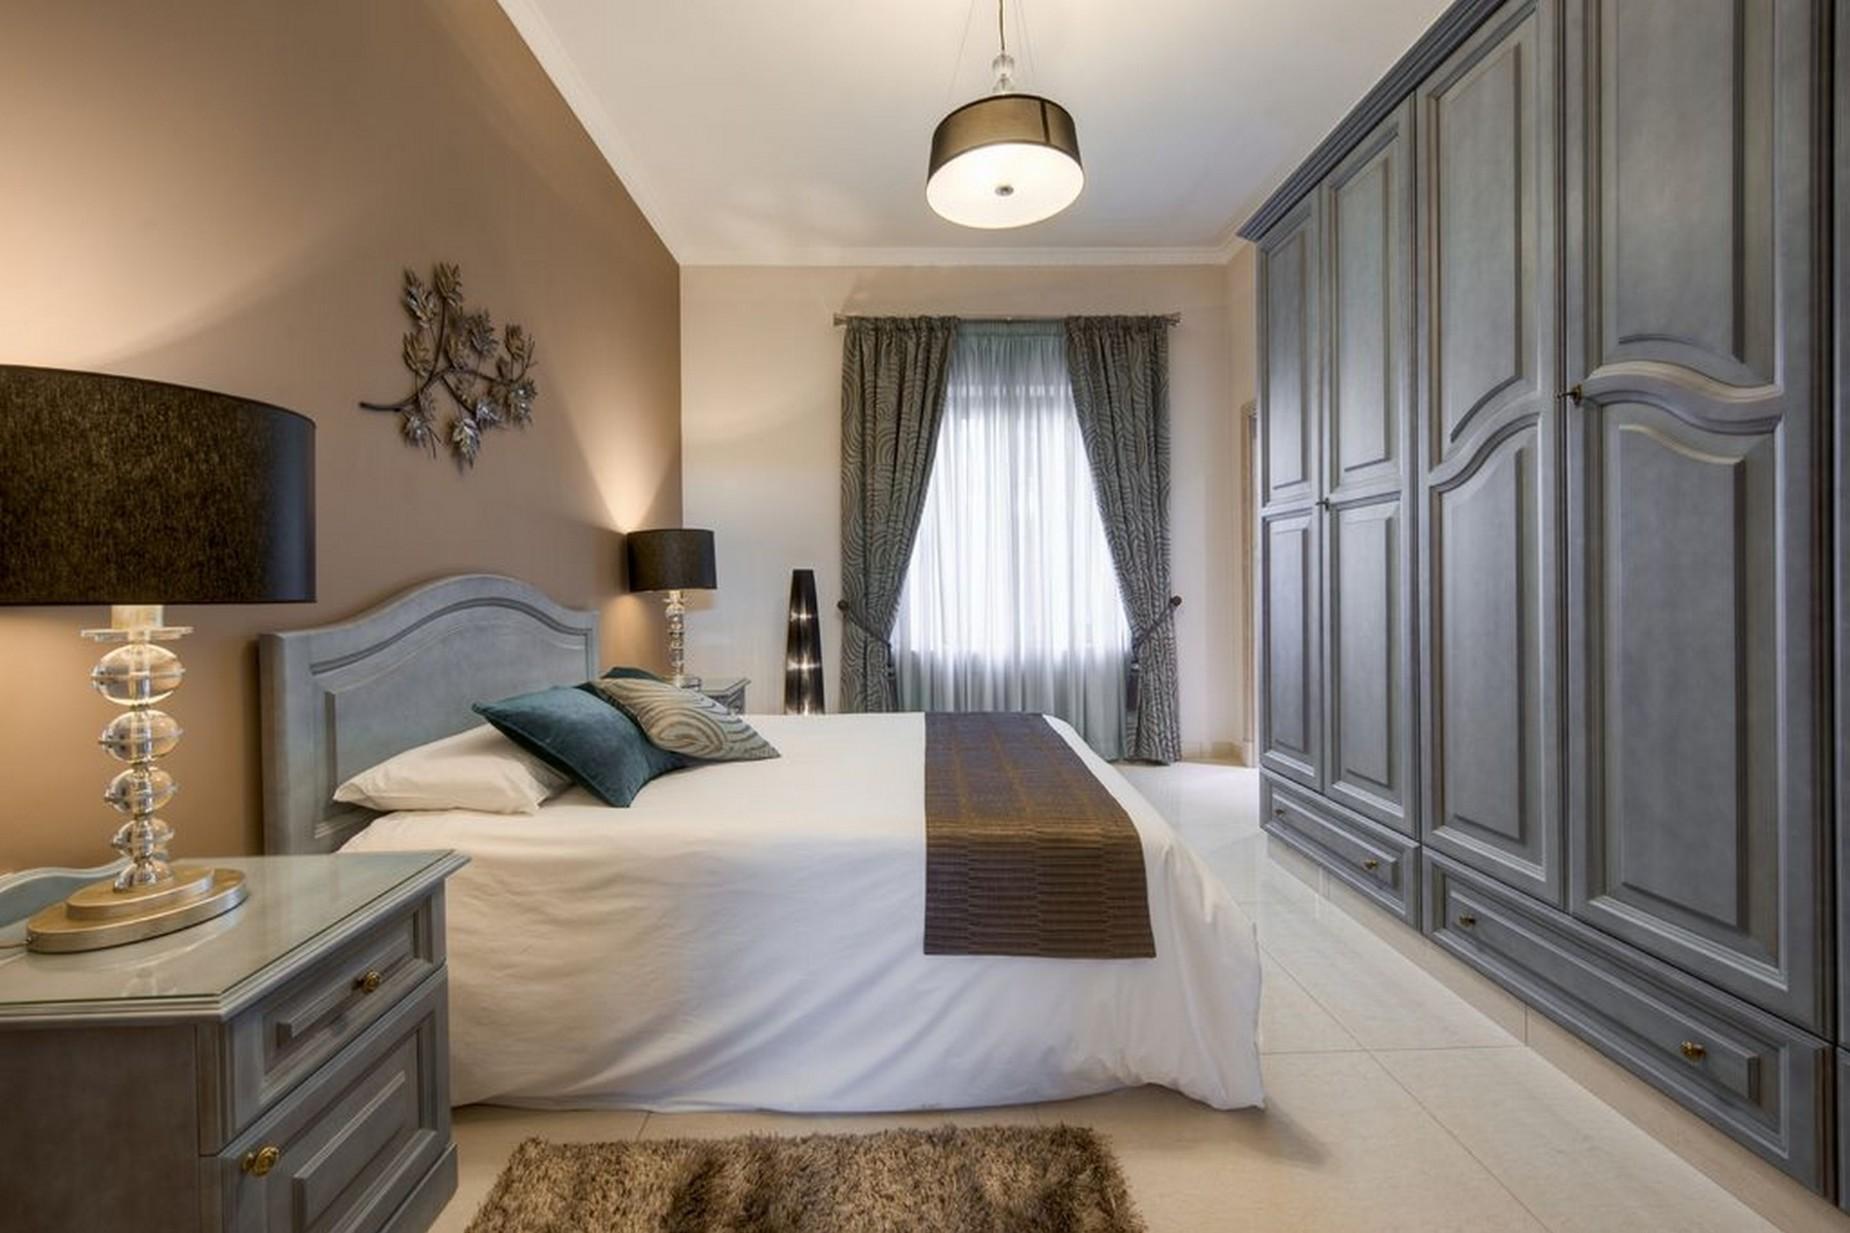 3 bed Villa For Rent in Zurrieq, Zurrieq - thumb 8